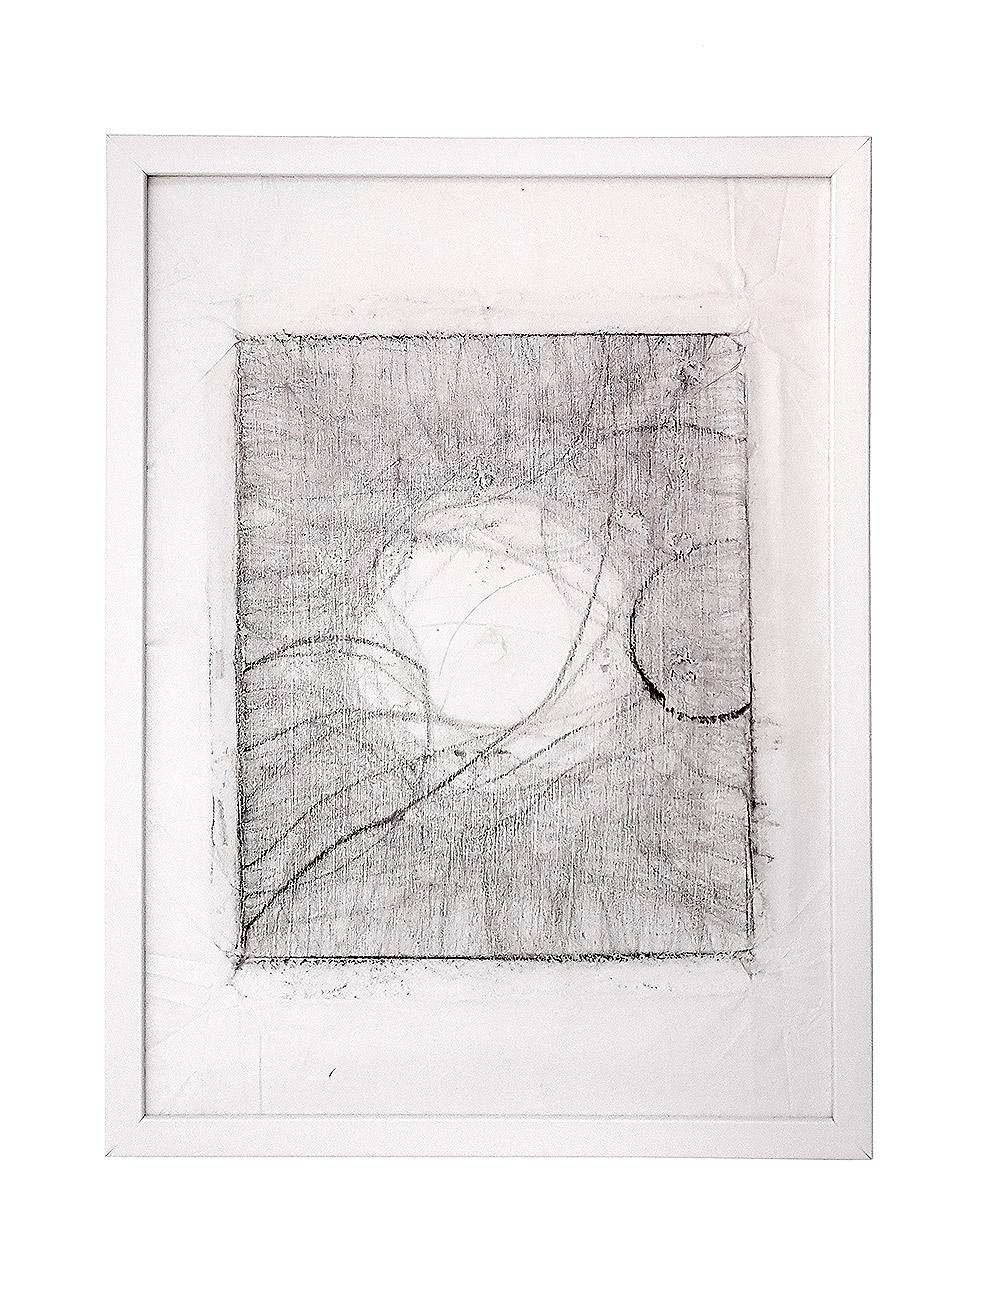 """Martin Hiller - """"Mary, Mary, So Rotary (No. 1)"""" (27 x 37 cm, 2017)"""